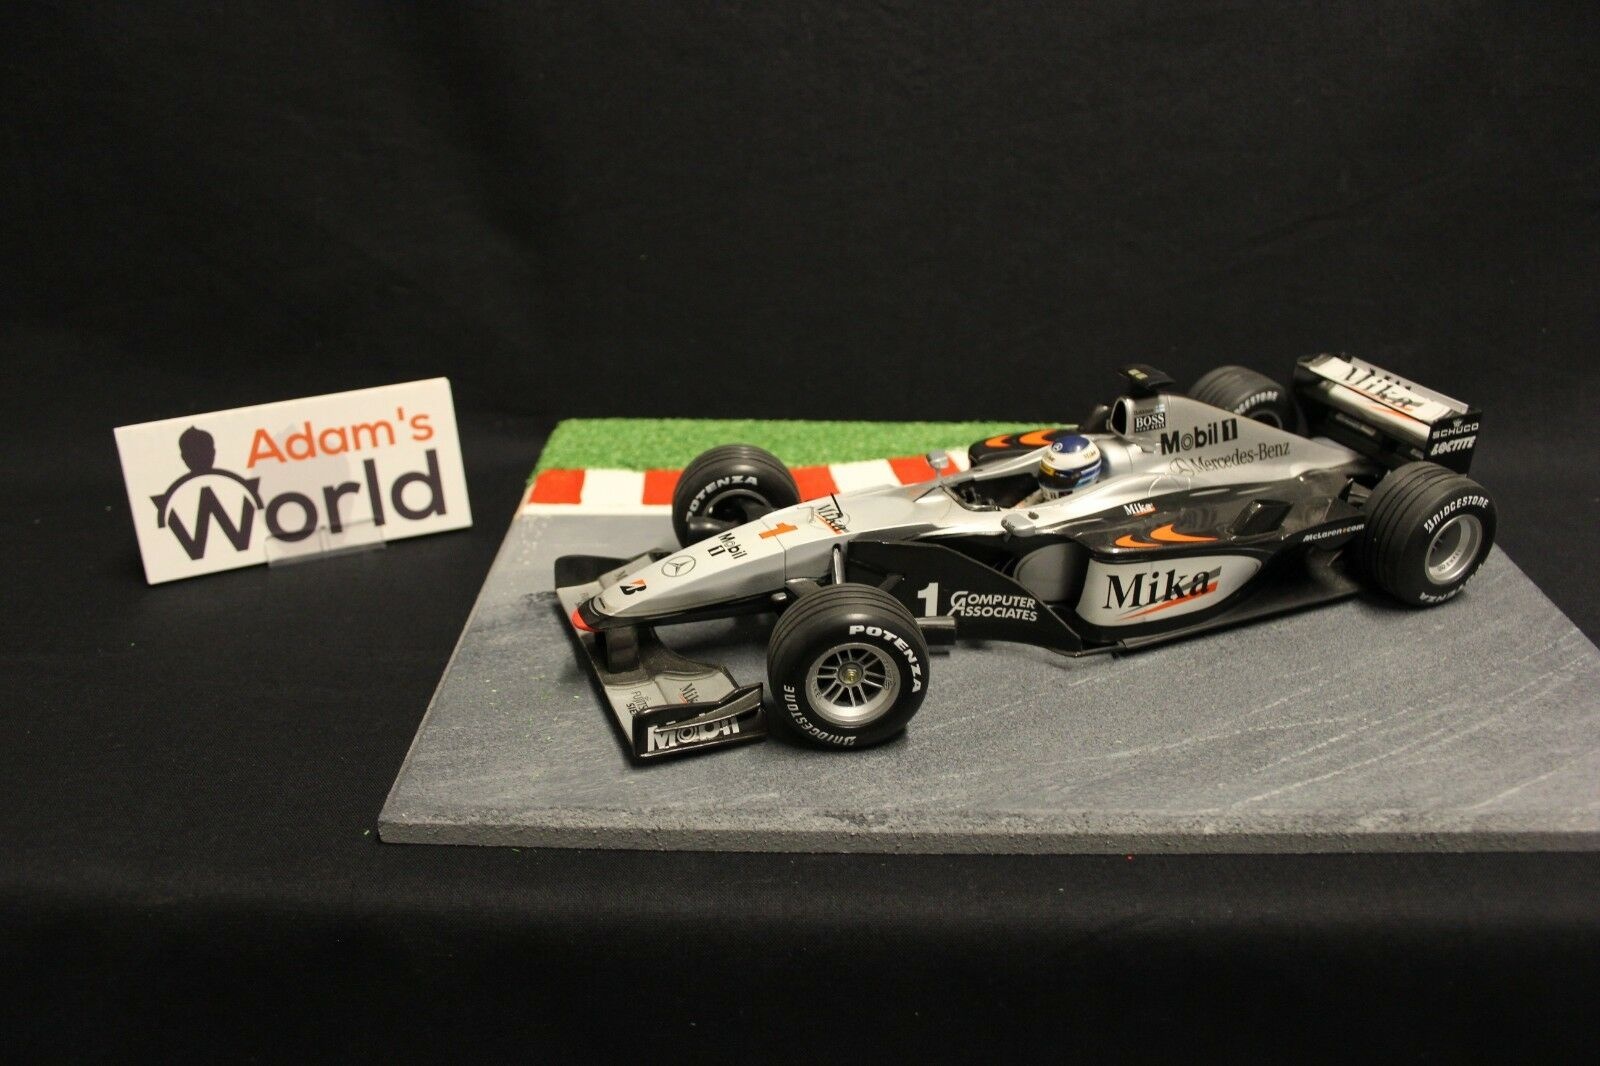 Minichamps McLaren Mercedes MP4-15 2000 1:18 #1 Mika Hakkinen (FIN) (F1NB)